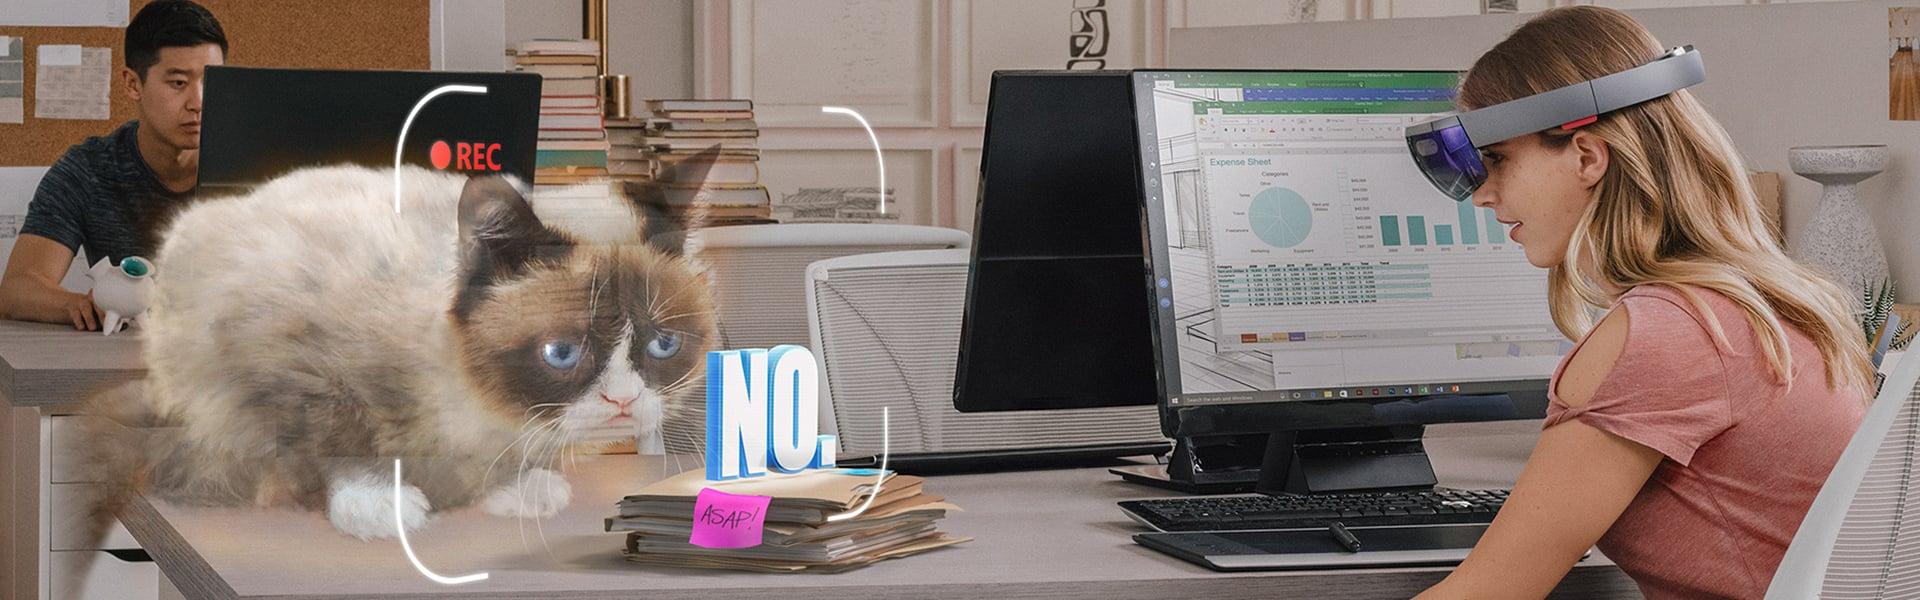 仕事机の上に座ったホログラムの Grumpy Cat を見ている、HoloLens を着けた女性